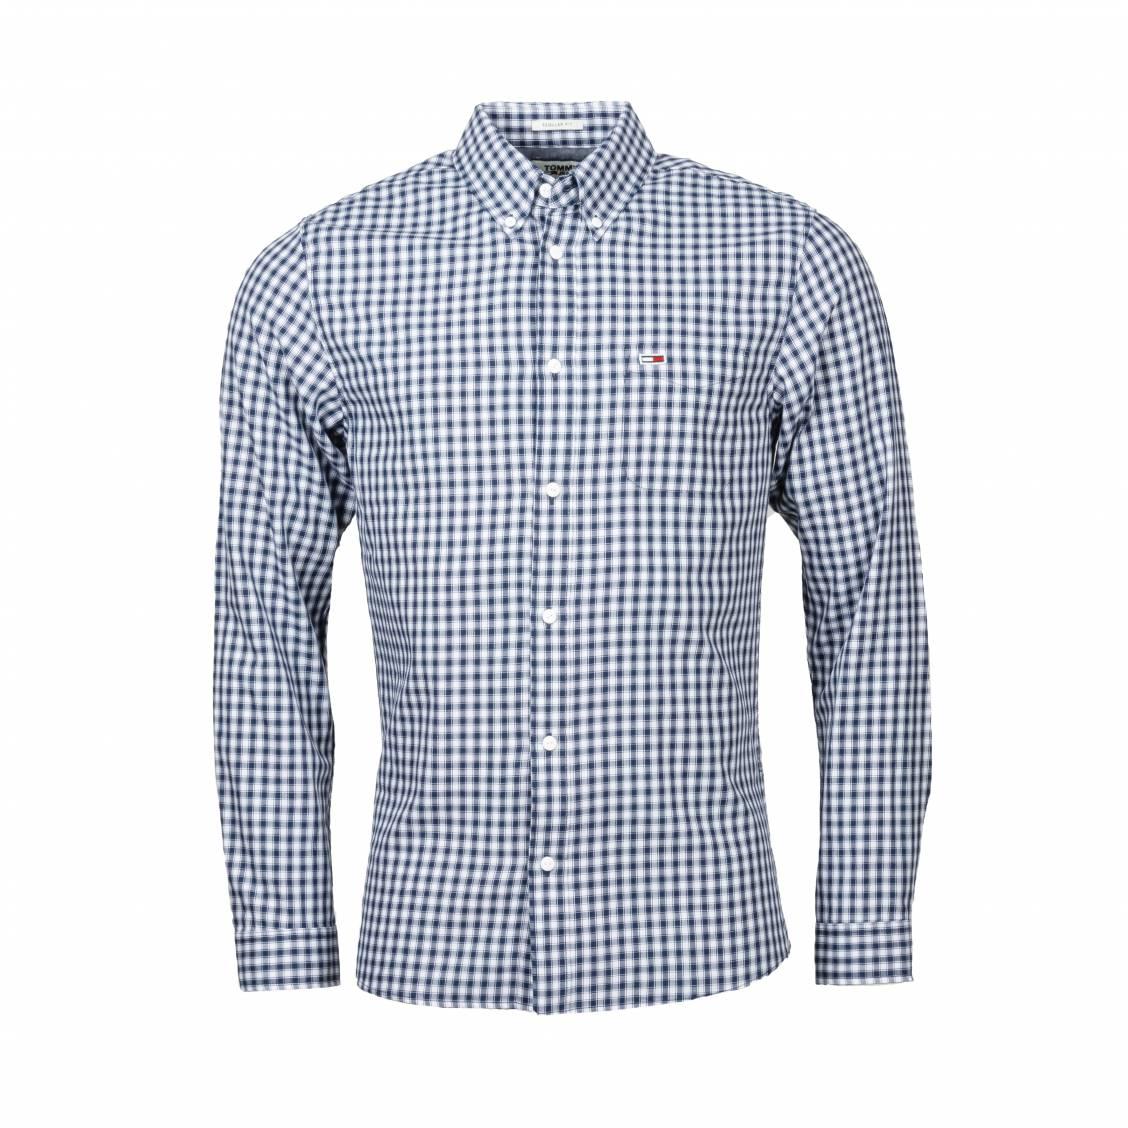 Chemise ajustée Tommy Jeans Gingham en coton à carreaux bleu marine et blancs